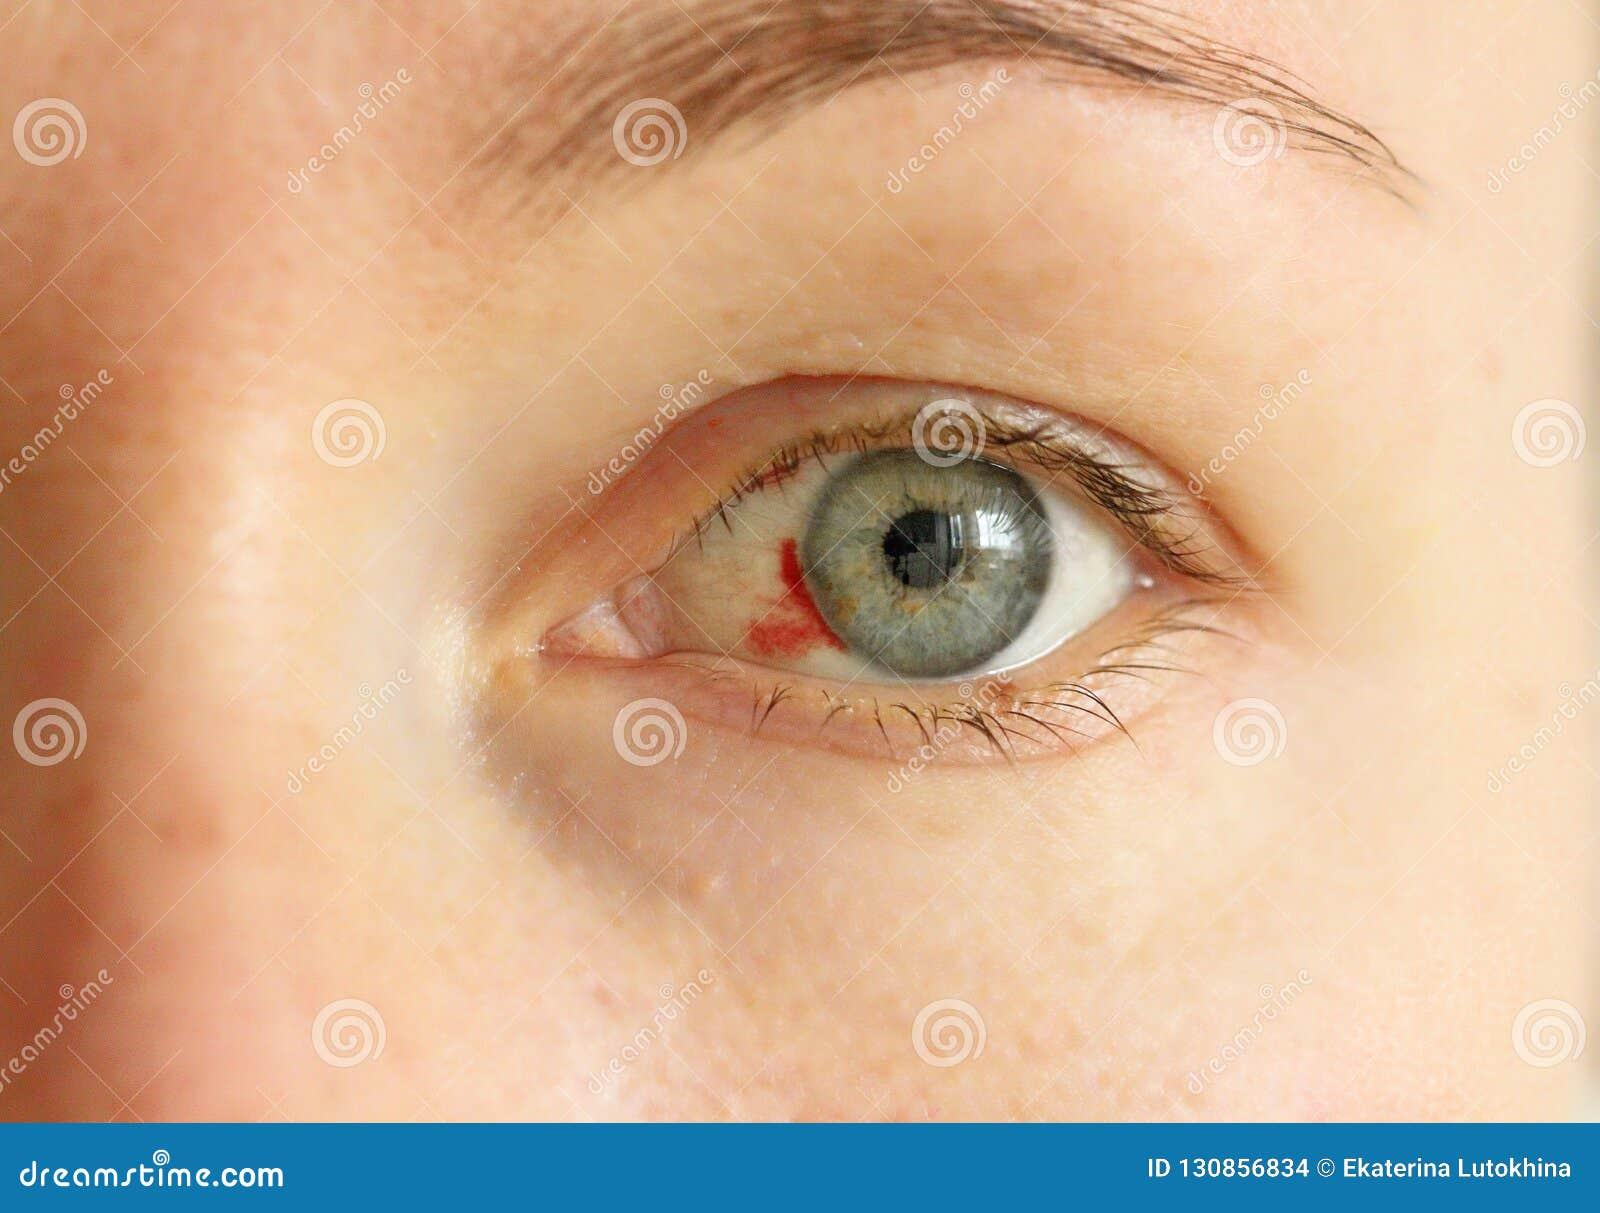 sangre inyectada en la cara